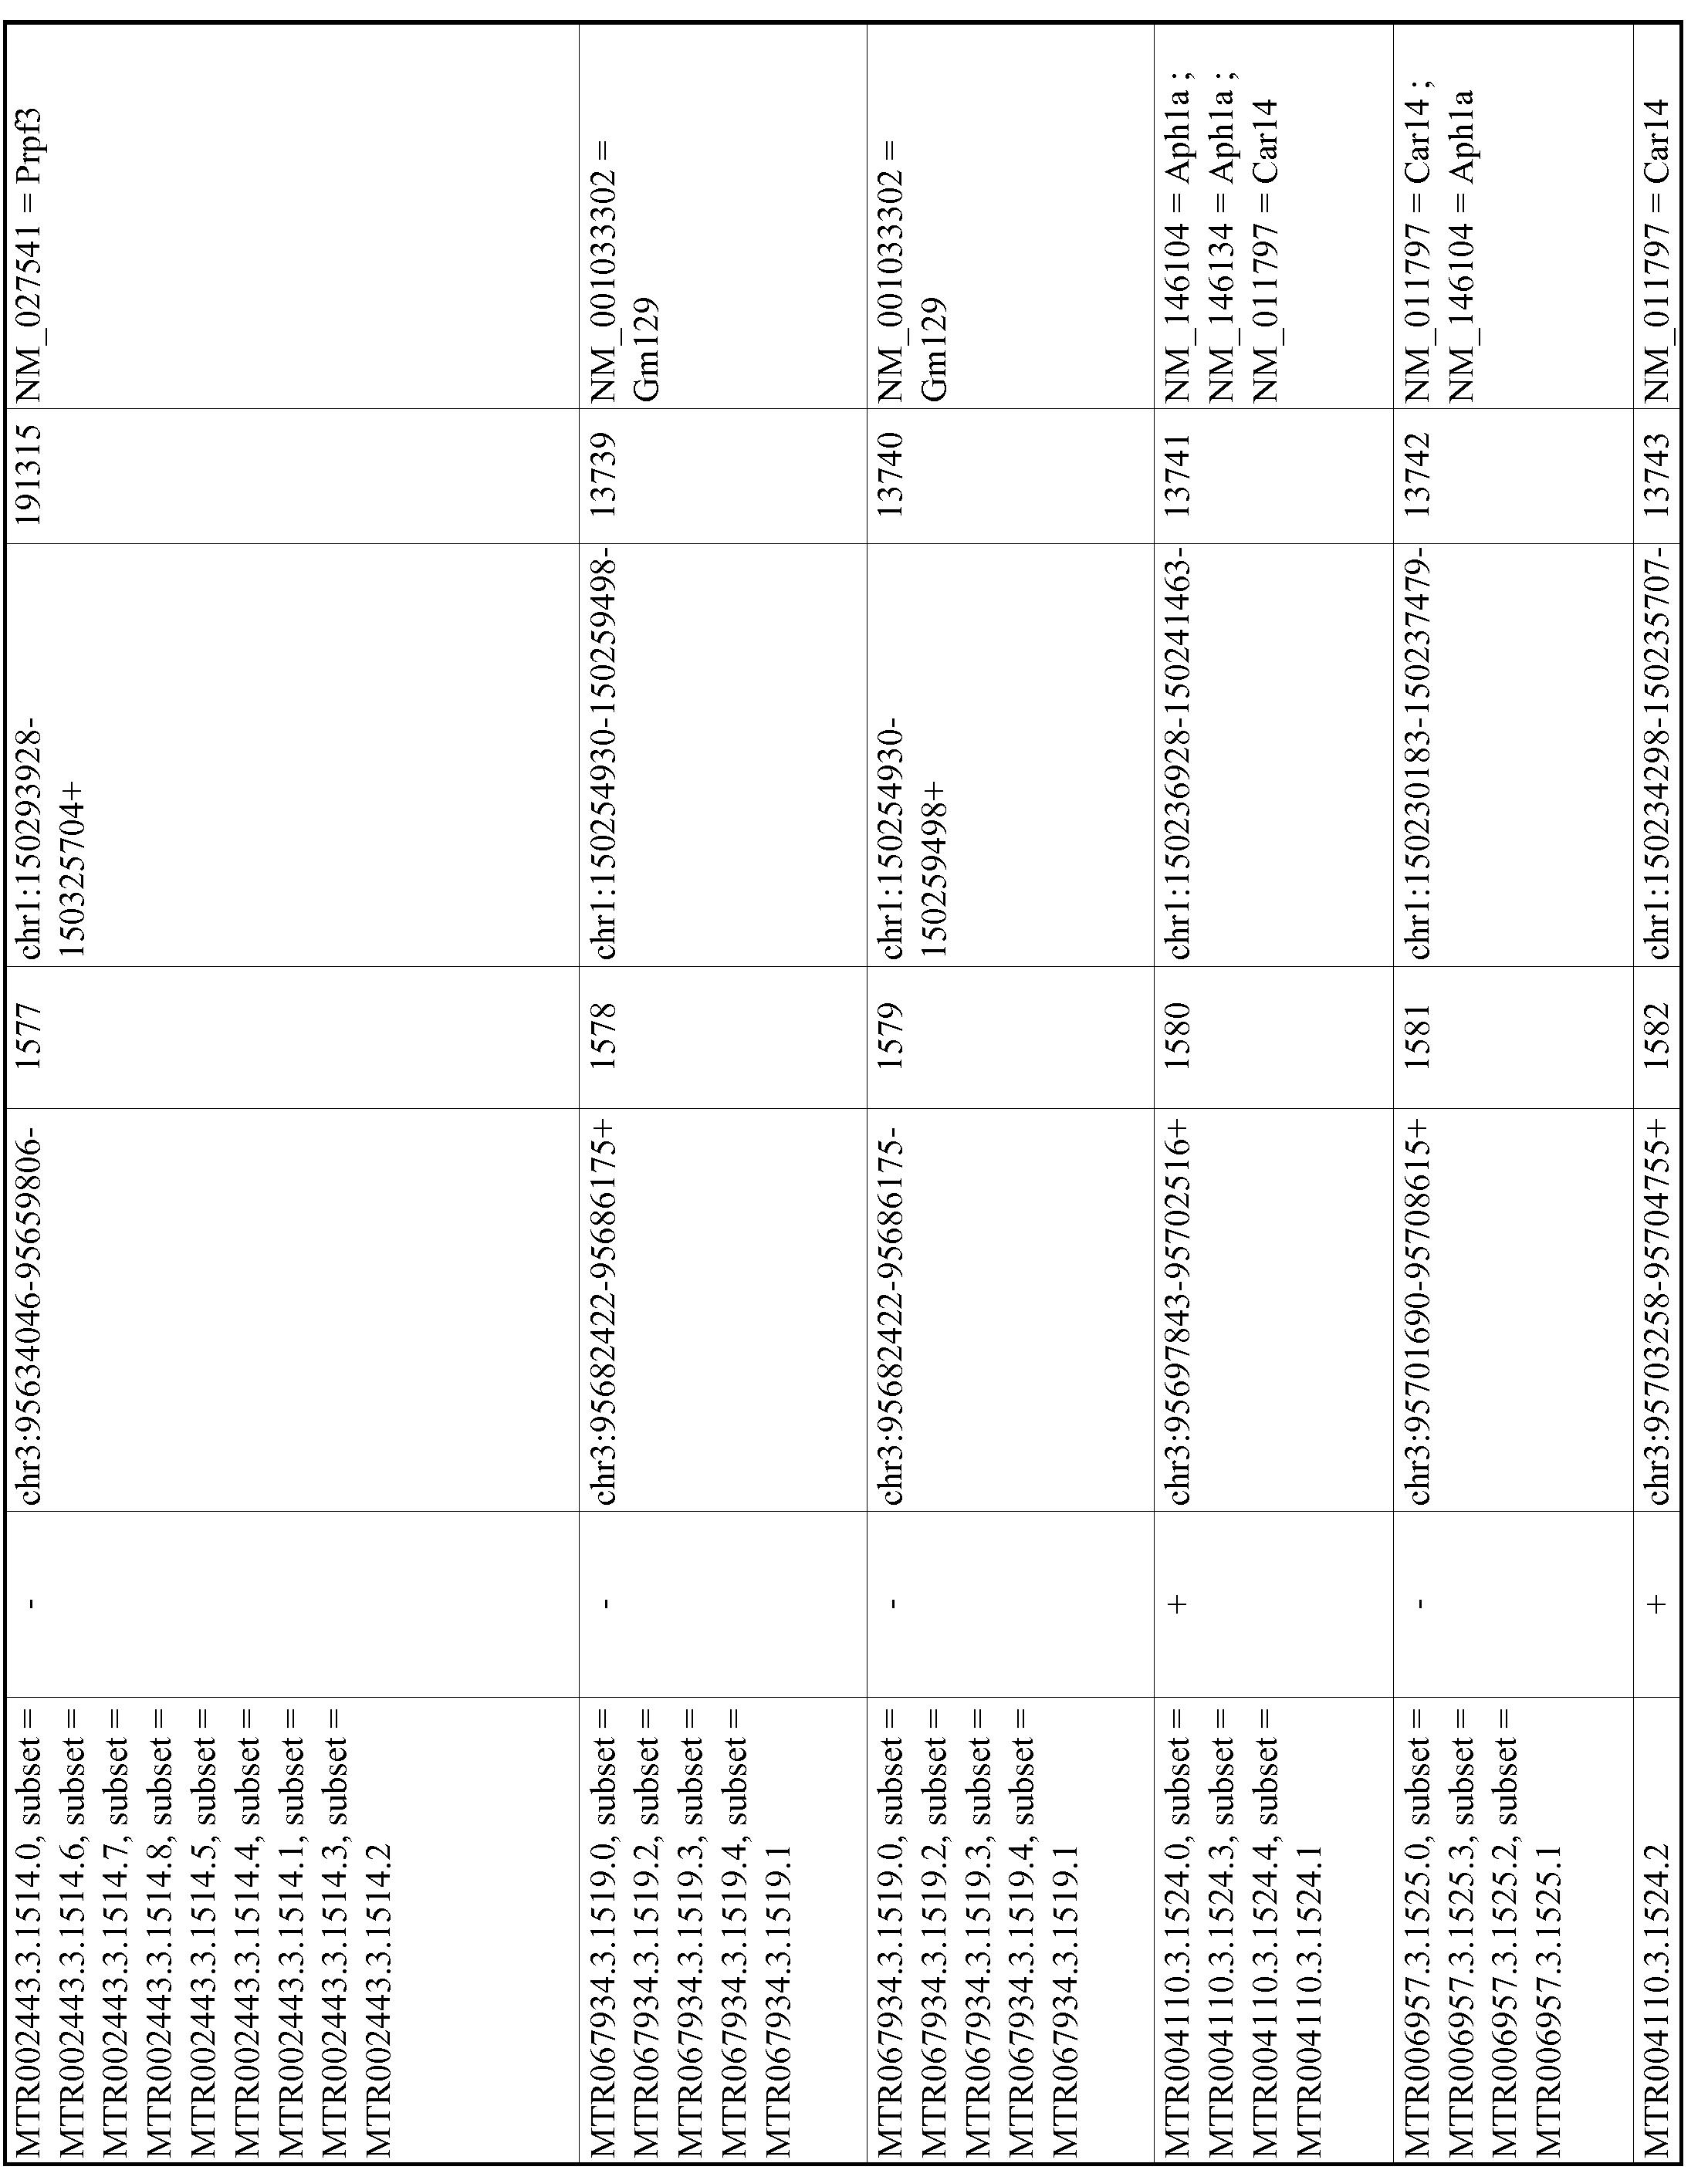 Figure imgf000403_0001